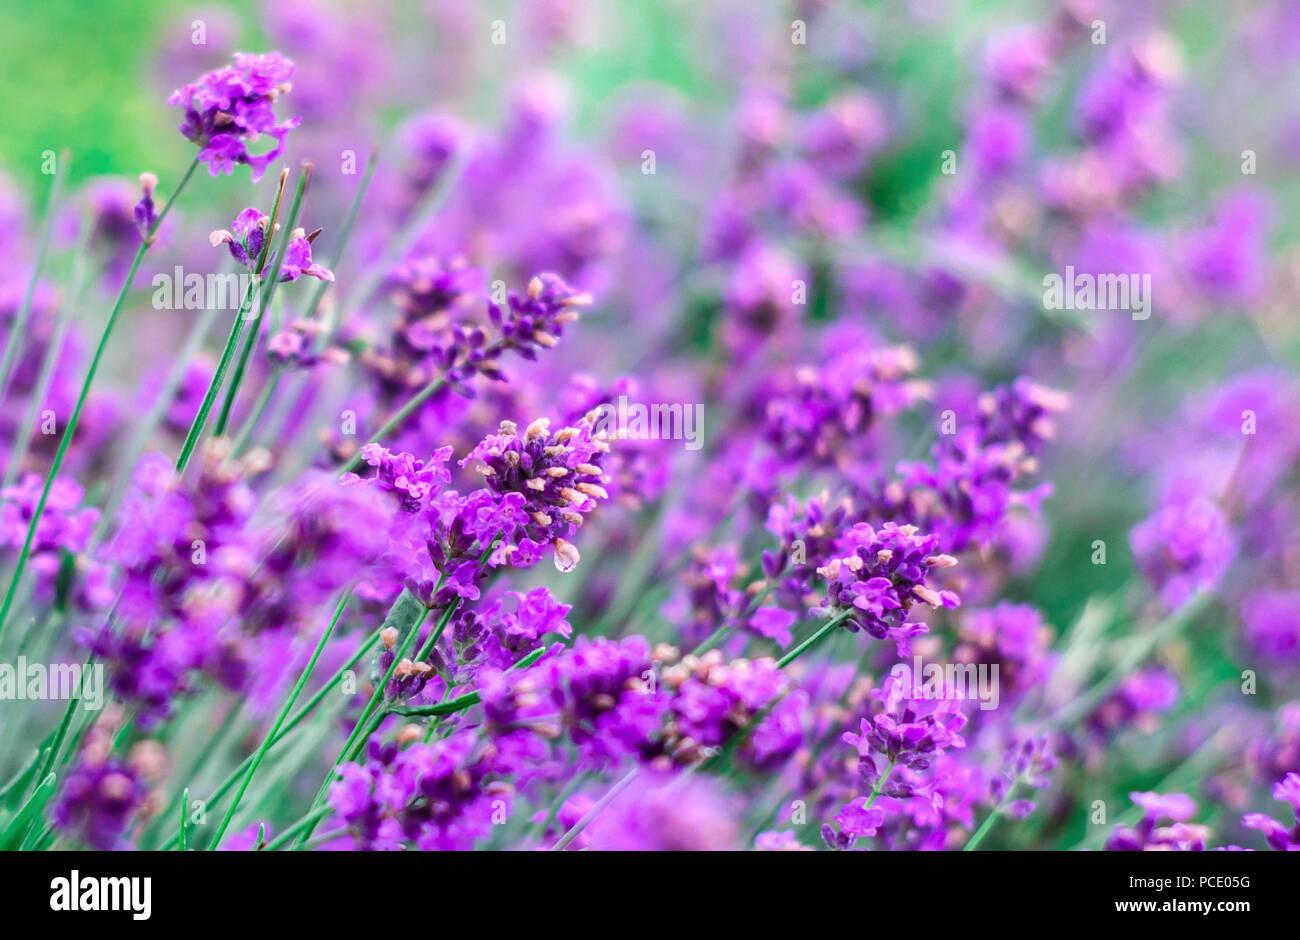 Splendida Fioritura Selvaggio Fiore Viola In Un Campo La Natura